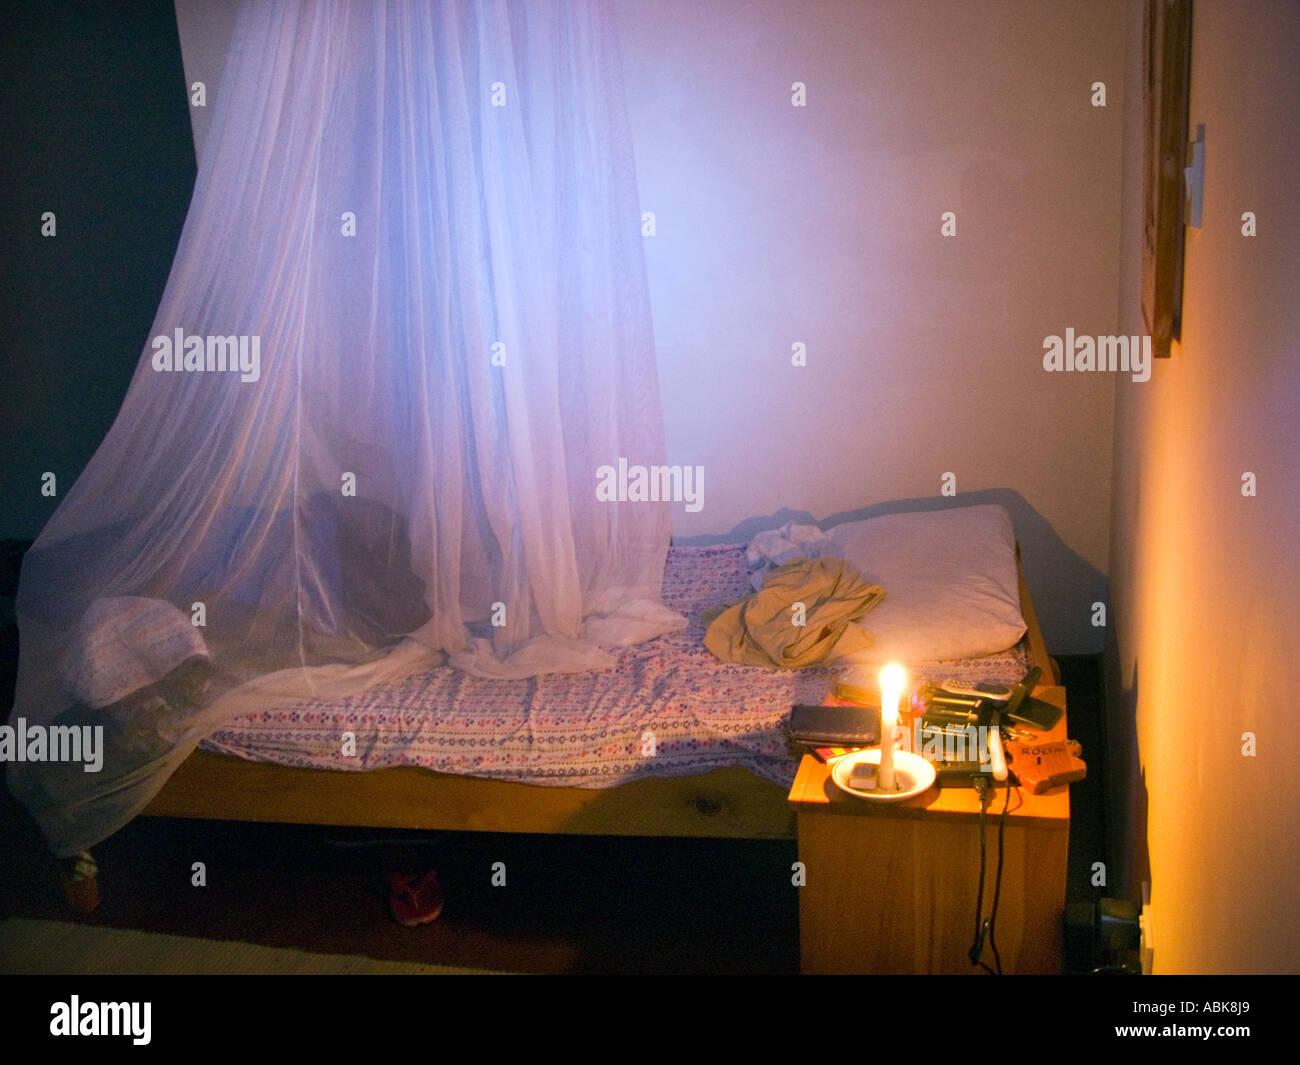 Candele Camera Da Letto : Kibo pendenza safari cottage camera da letto letto zanzariere